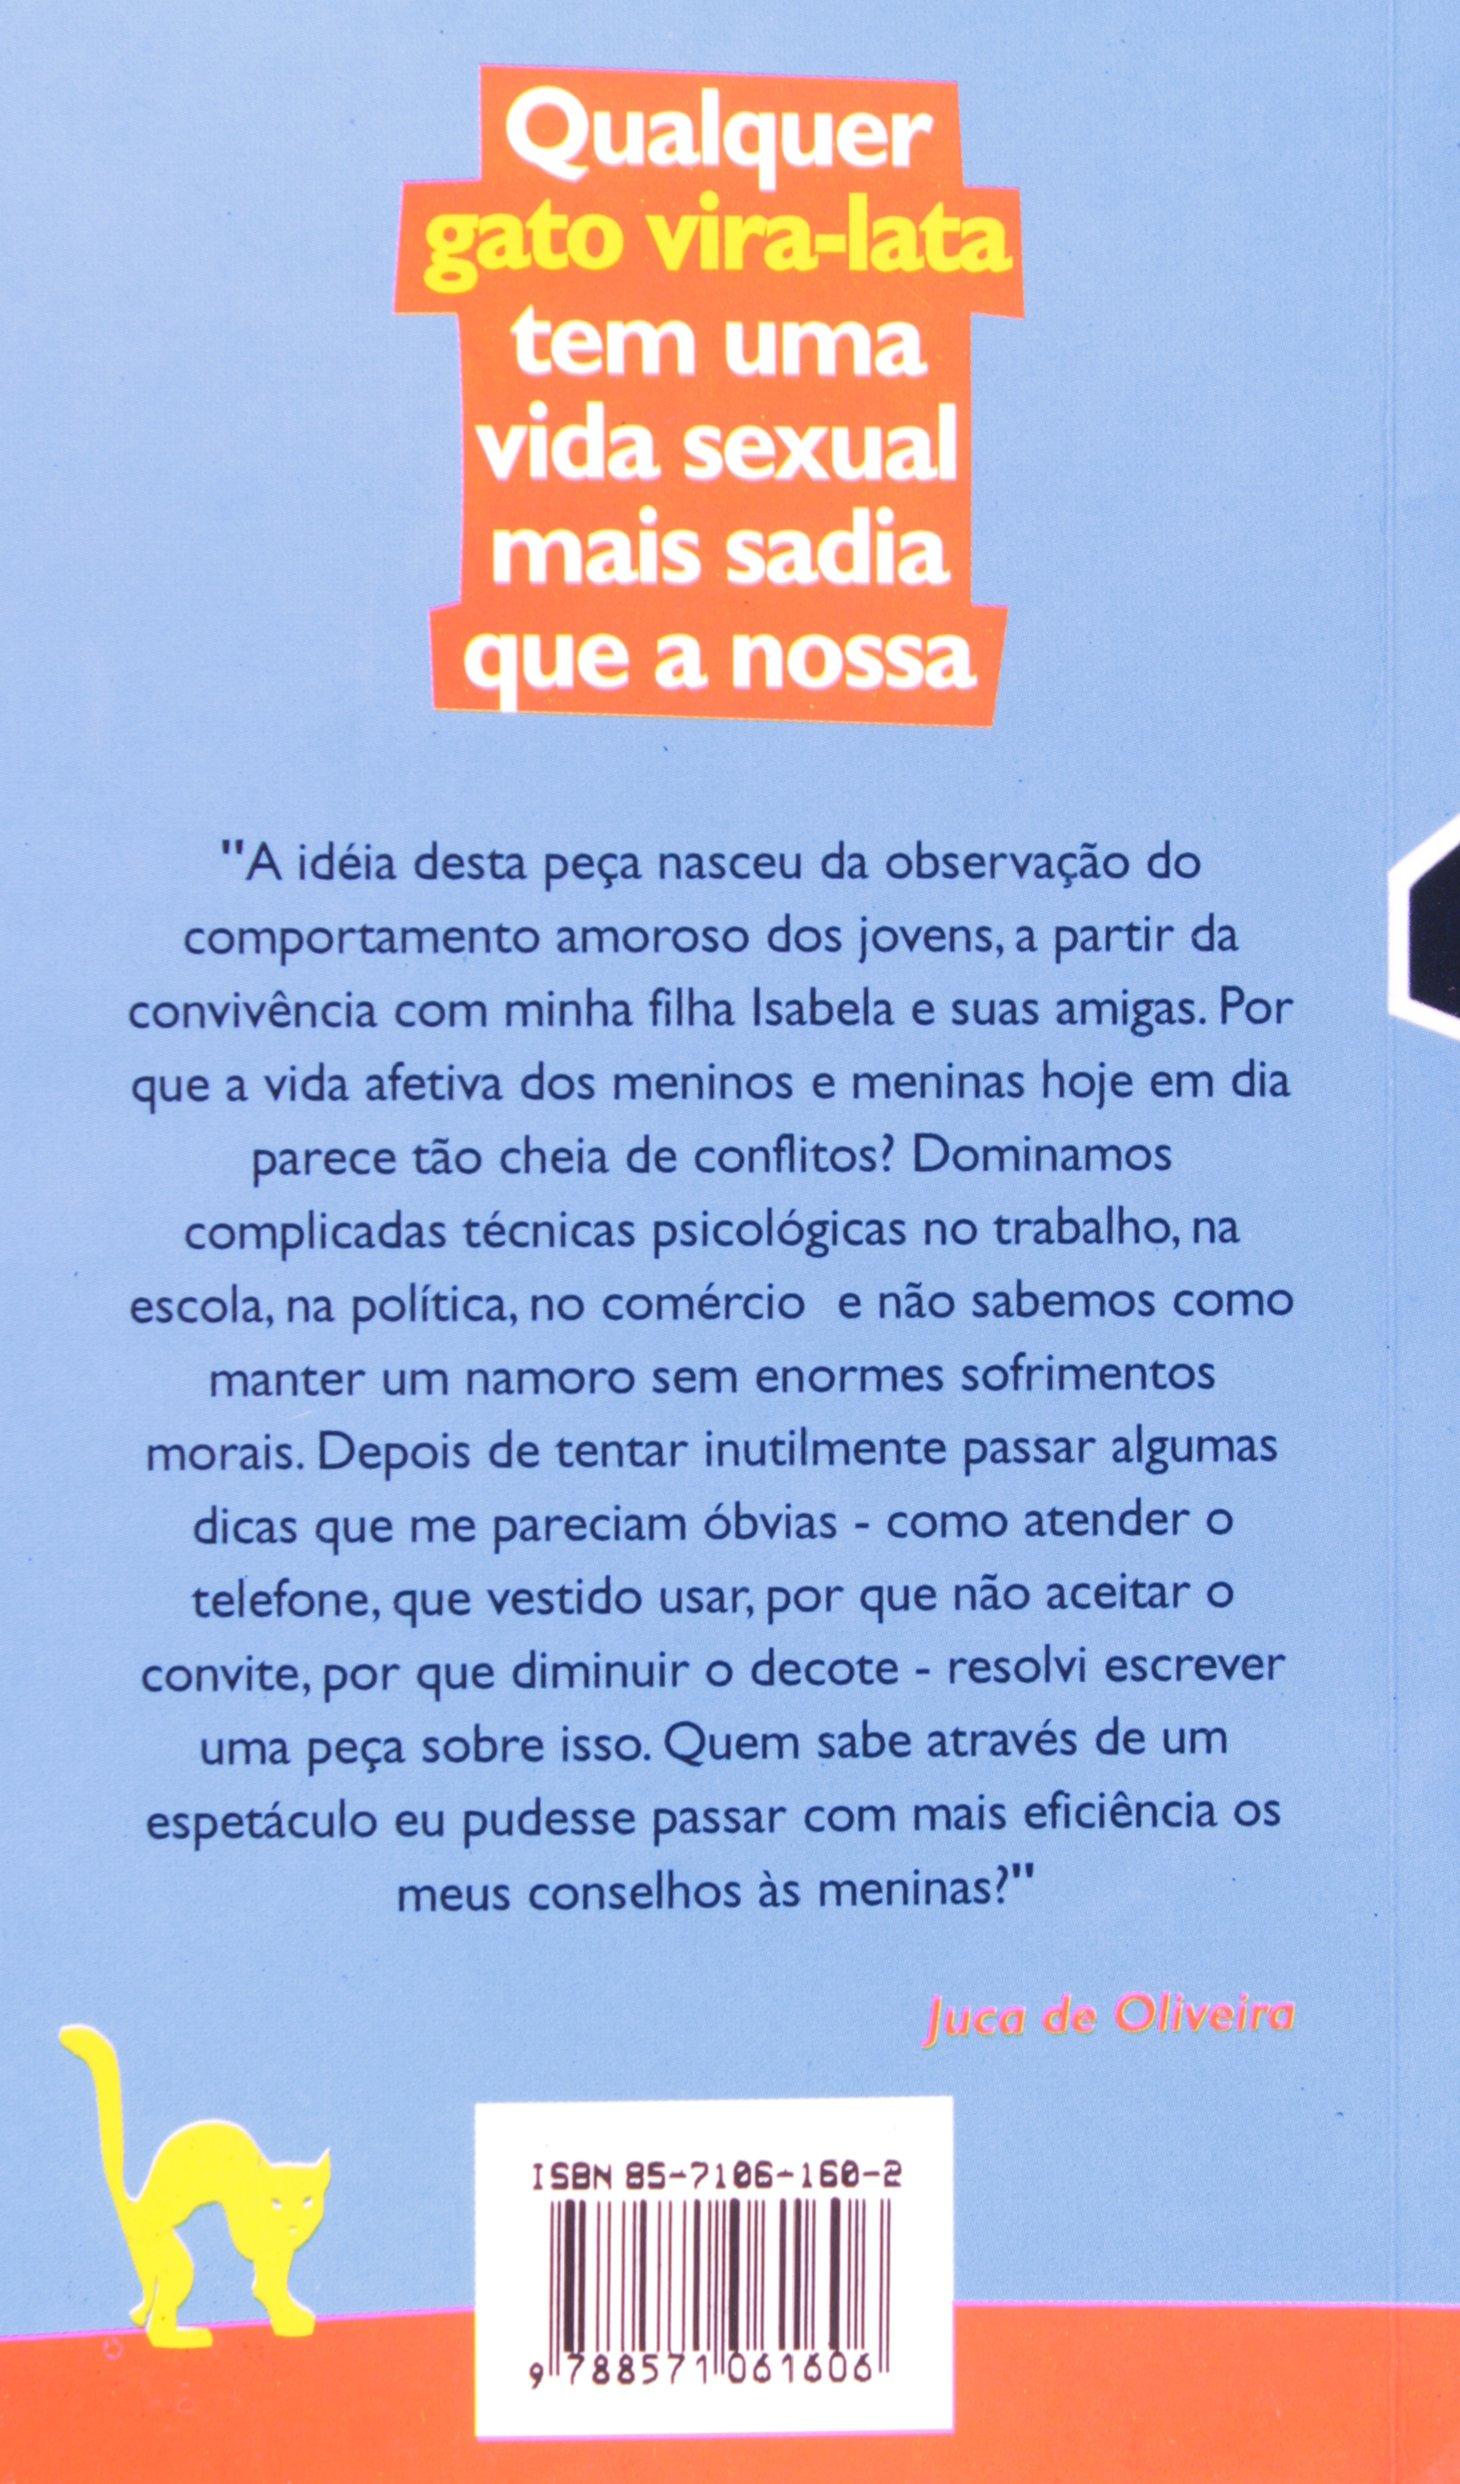 QUALQUER GATO VIRA-LATA TEM UMA VIDA SEXUAL MAIS SADI: Juca de Oliveira: 9788571061606: Amazon.com: Books